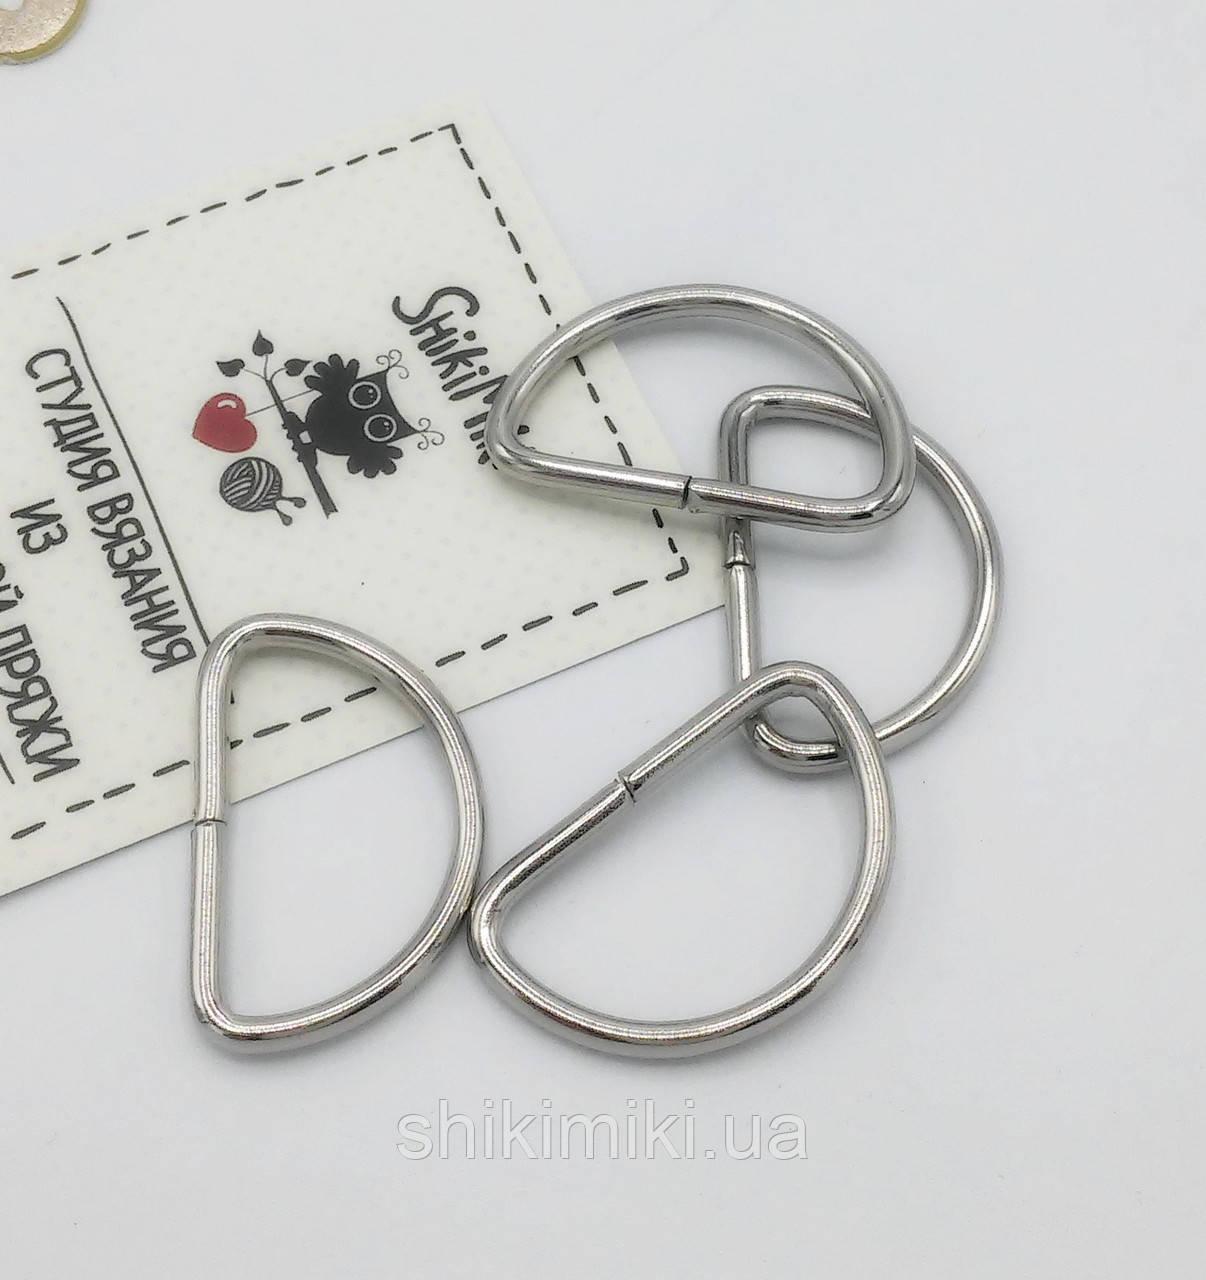 Полукольцо для сумки PK26-1 (26 мм), цвет никель